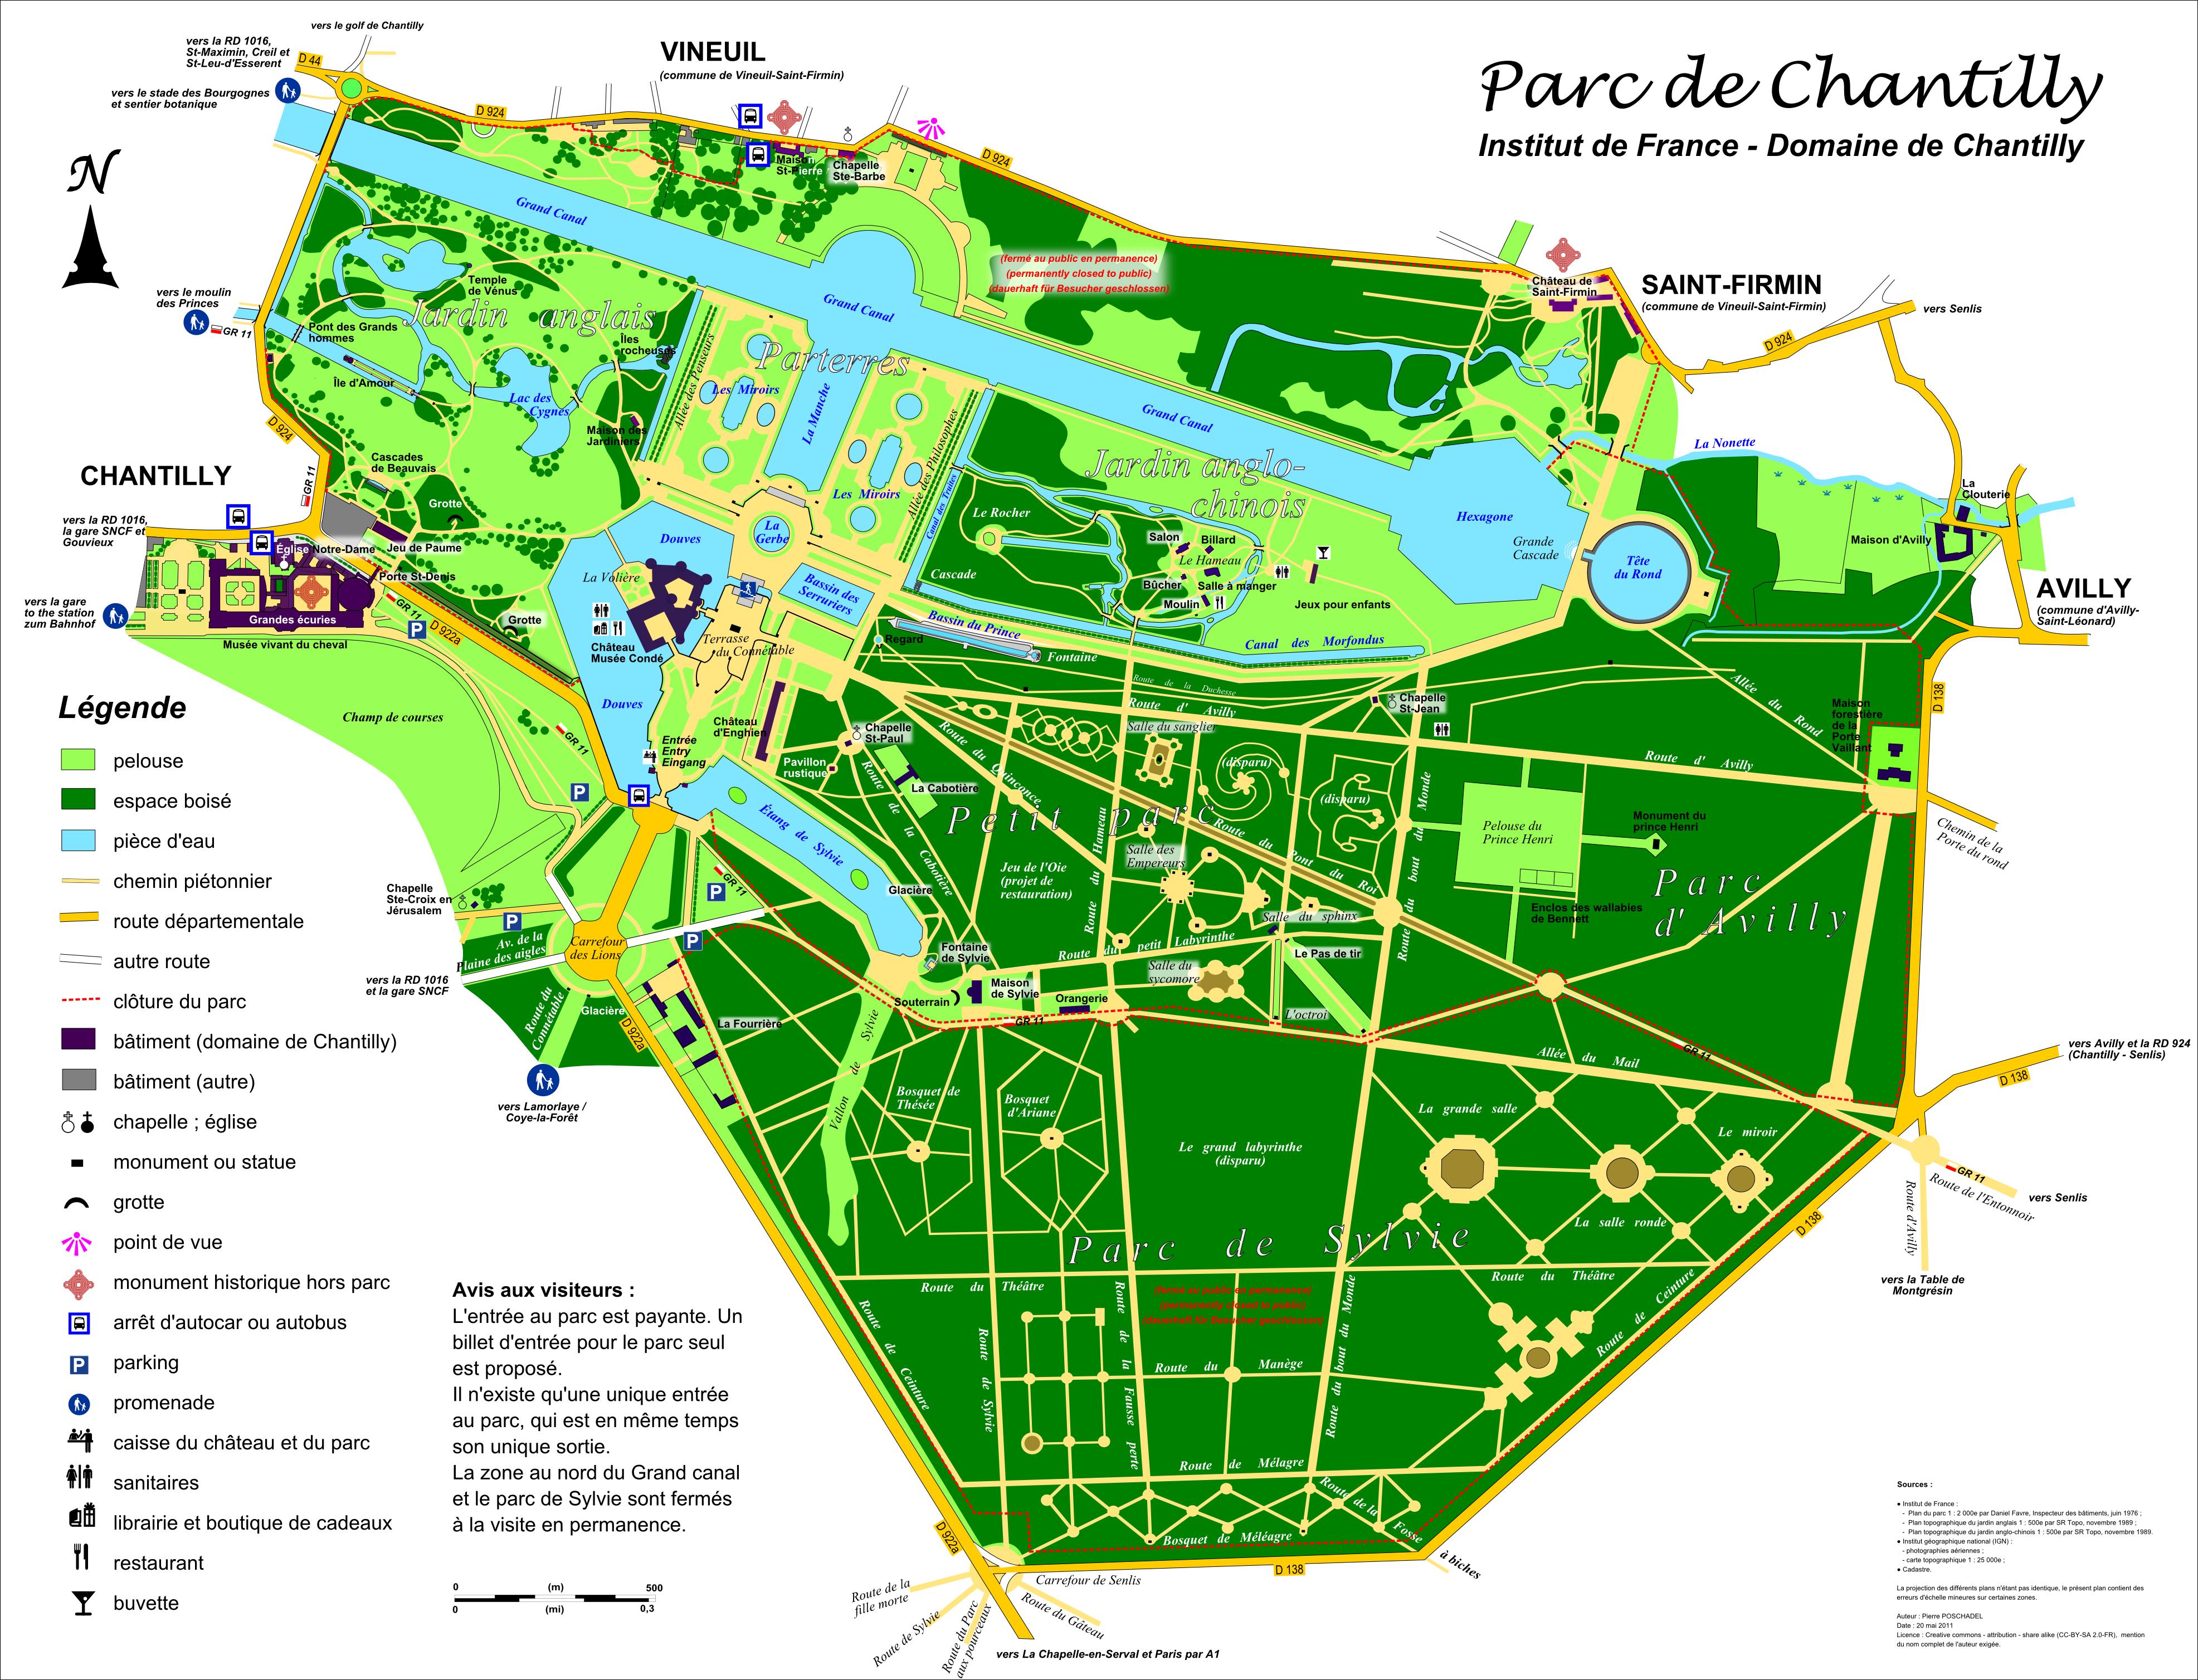 Plan du parc de chantilly andr le n tre for Jardin anglais allemagne